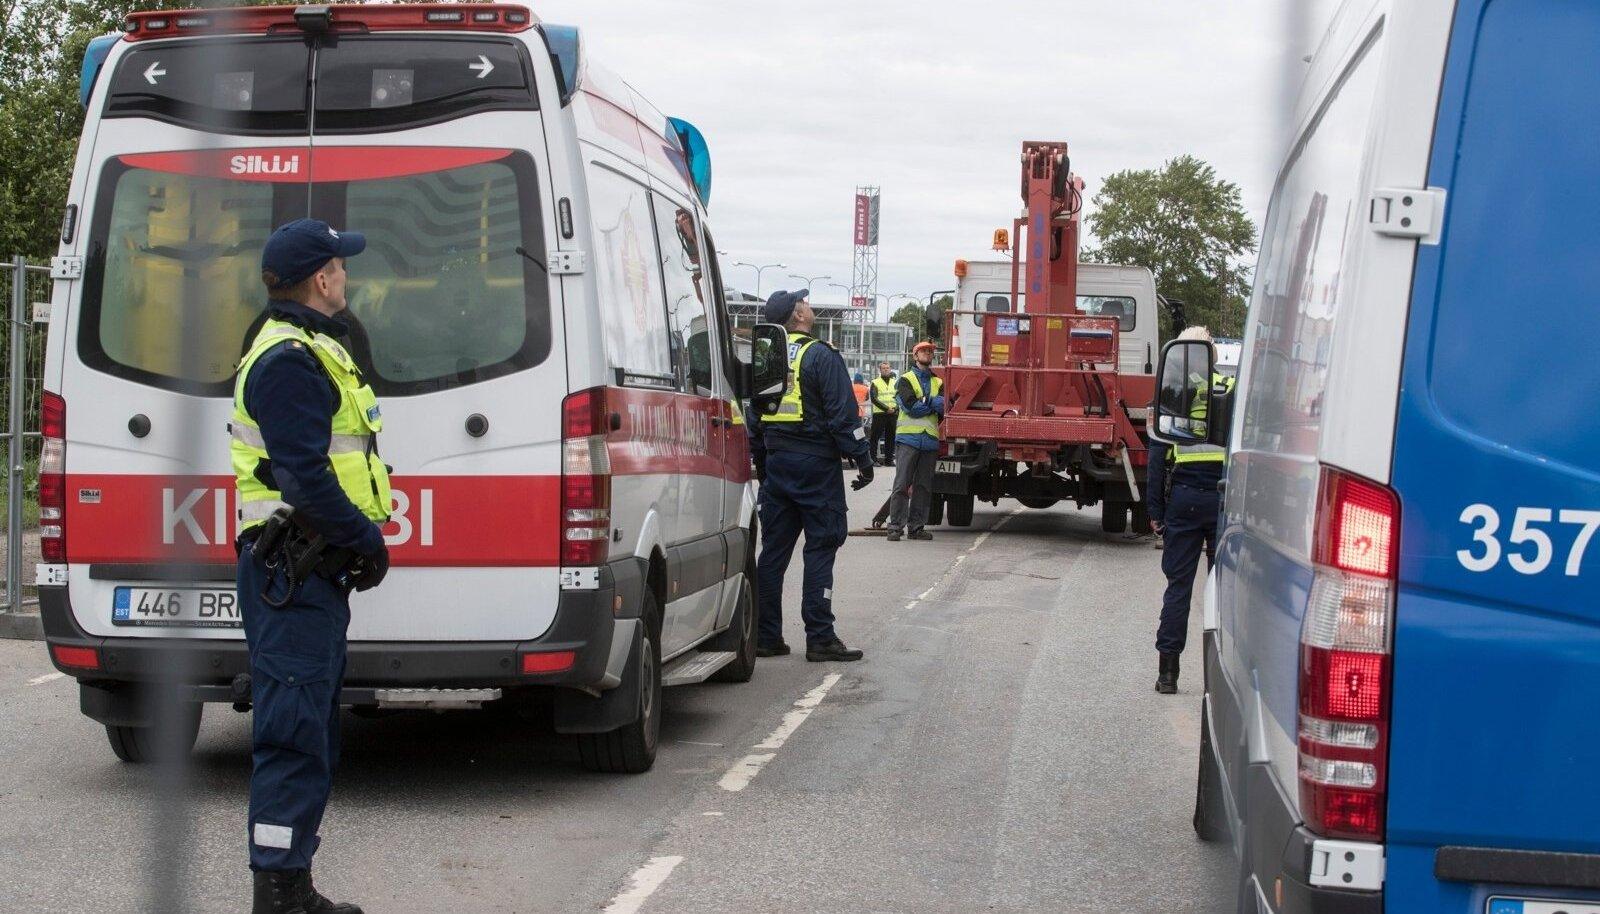 Teisipäeva hommikul kell 06.30 võttis politsei tormijooksuga tagasi Hõberemmelga juures olnud ehitusperimeetri, mille olid hõivanud keskkonnaaktivistid. Samal päeval lõigati ka puu maha.